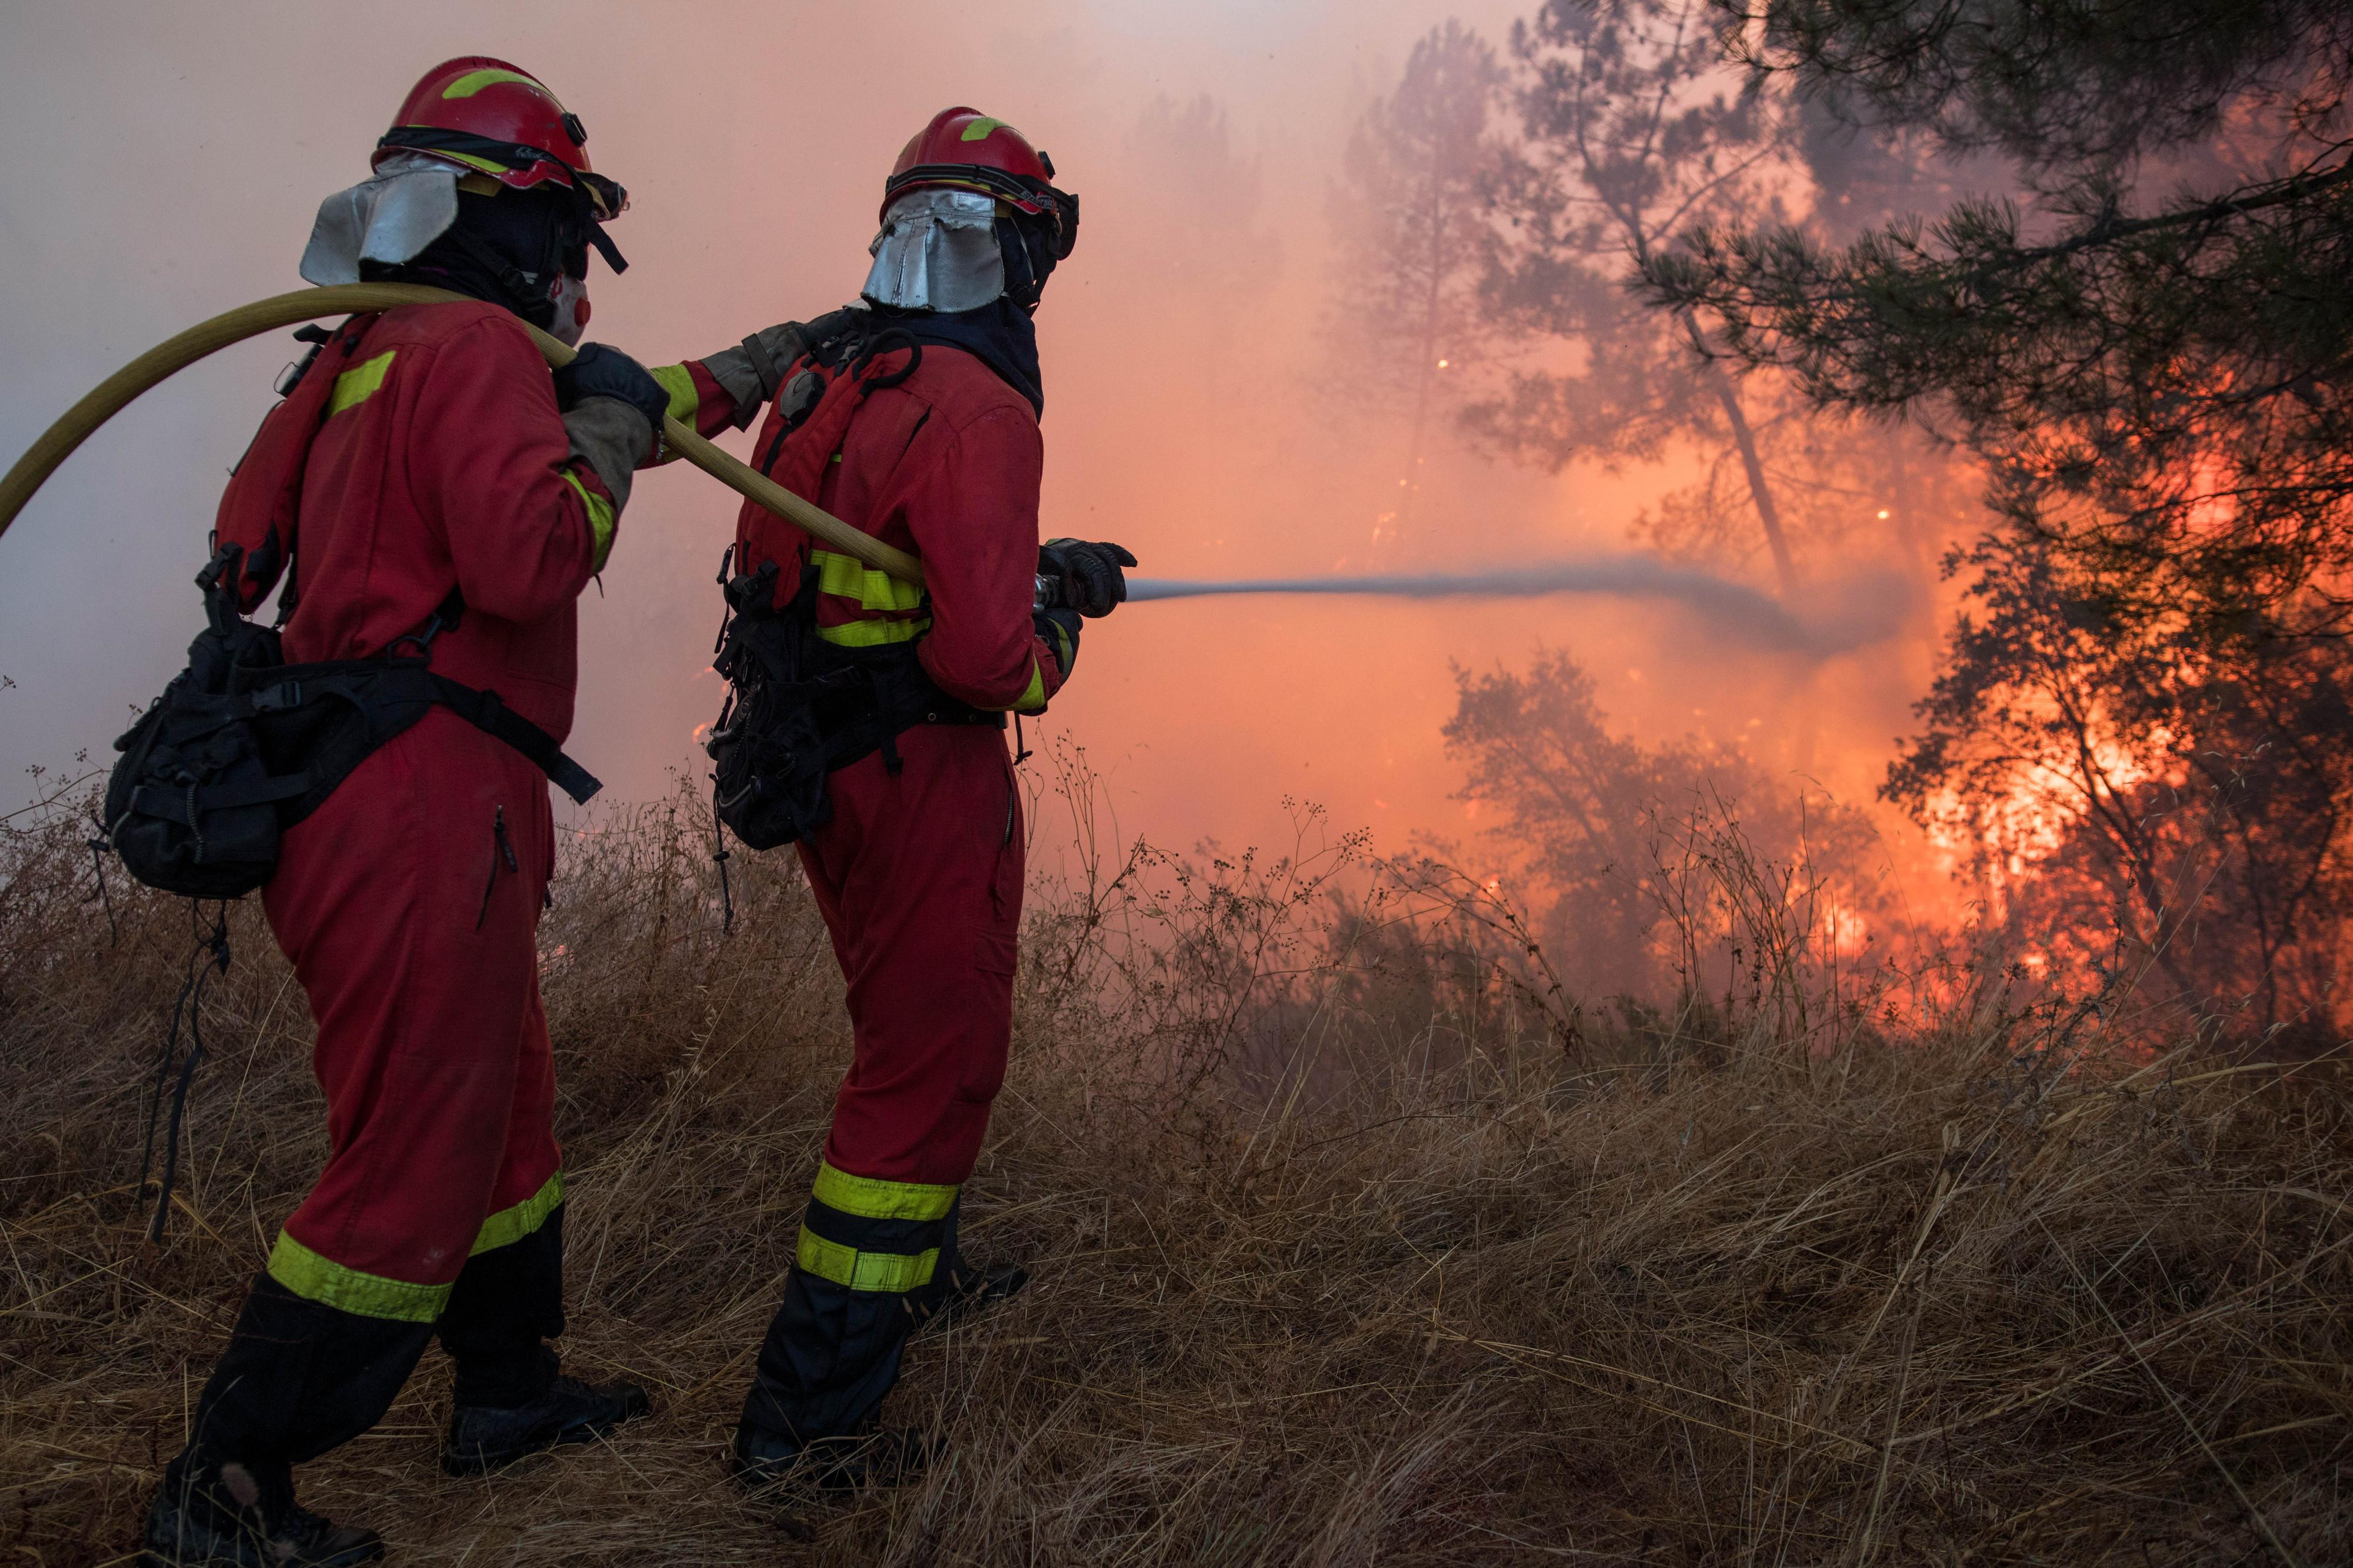 Detido suspeito de fogo florestal na Sertã